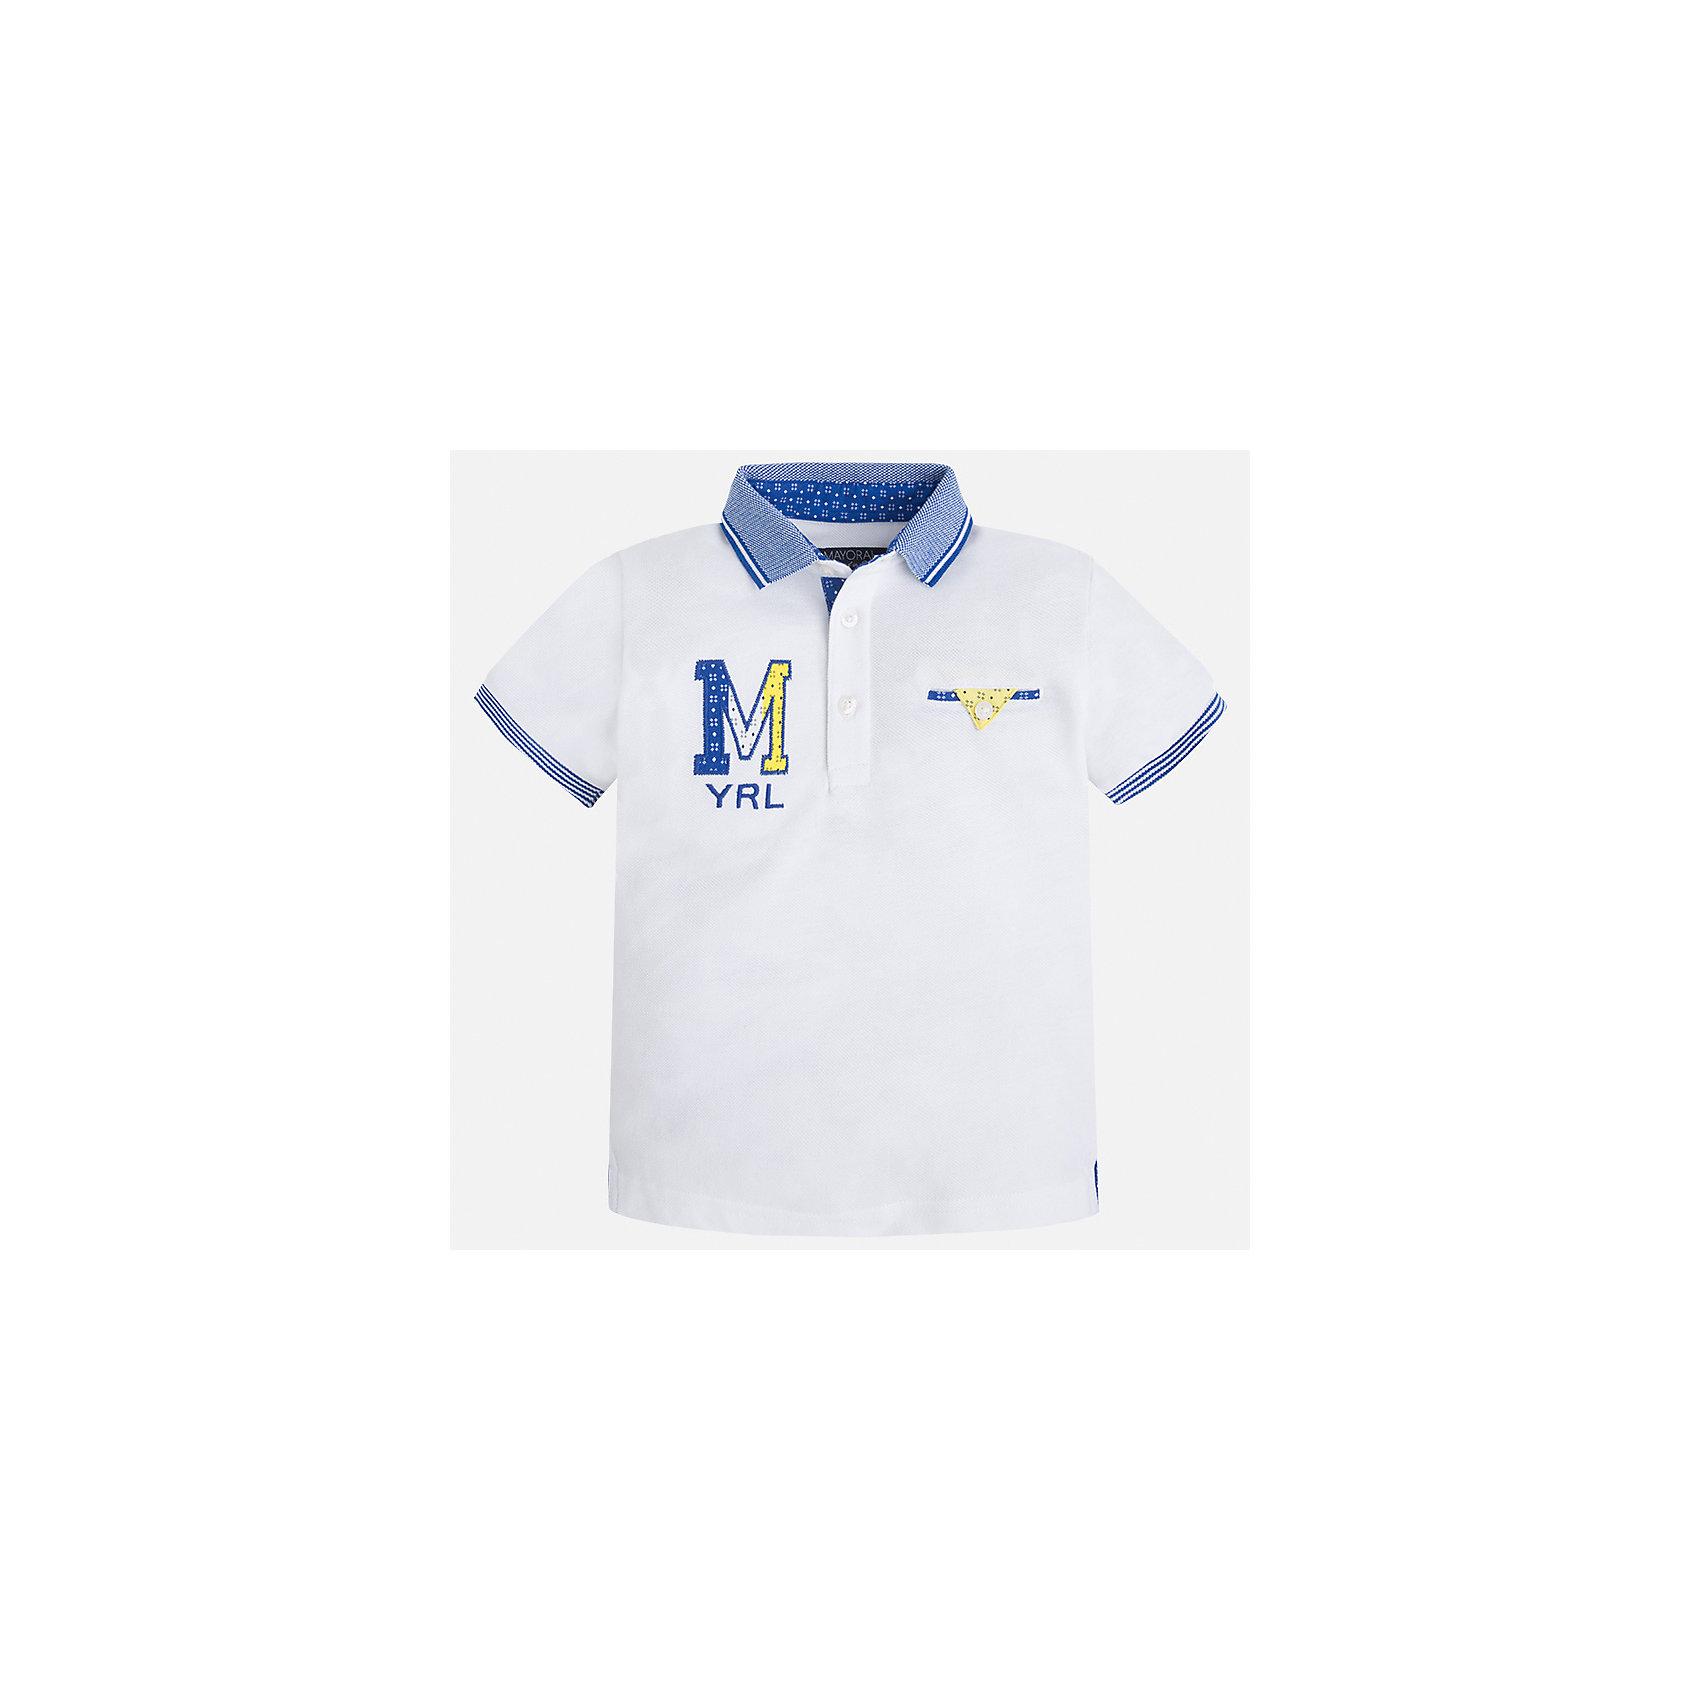 Футболка-поло для мальчика MayoralФутболки, поло и топы<br>Характеристики товара:<br><br>• цвет: белый<br>• состав: 100% хлопок<br>• отложной воротник<br>• приятный на ощупь материал<br>• застежка: пуговицы<br>• страна бренда: Испания<br><br>Стильная футболка-поло для мальчика может стать базовой вещью в гардеробе ребенка. Она отлично сочетается с брюками, шортами, джинсами и т.д. Универсальный крой и цвет позволяет подобрать к вещи низ разных расцветок. Практичное и стильное изделие! В составе материала - только натуральный хлопок, гипоаллергенный, приятный на ощупь, дышащий.<br><br>Одежда, обувь и аксессуары от испанского бренда Mayoral полюбились детям и взрослым по всему миру. Модели этой марки - стильные и удобные. Для их производства используются только безопасные, качественные материалы и фурнитура. Порадуйте ребенка модными и красивыми вещами от Mayoral! <br><br>Футболку-поло для мальчика от испанского бренда Mayoral (Майорал) можно купить в нашем интернет-магазине.<br><br>Ширина мм: 230<br>Глубина мм: 40<br>Высота мм: 220<br>Вес г: 250<br>Цвет: белый<br>Возраст от месяцев: 84<br>Возраст до месяцев: 96<br>Пол: Мужской<br>Возраст: Детский<br>Размер: 128,110,134,92,122,98,116,104<br>SKU: 5271949